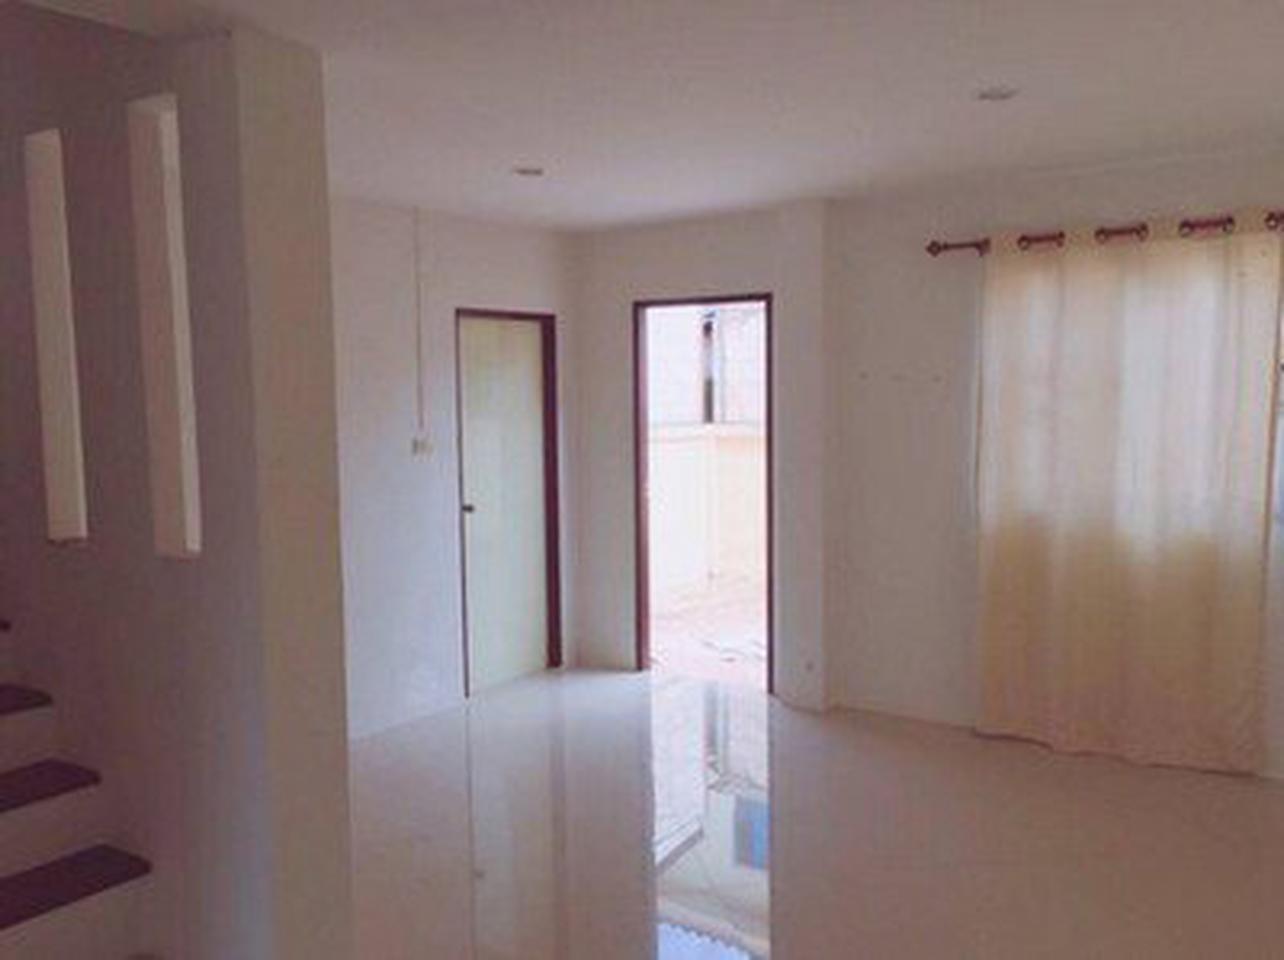 ให้เช่า บ้านใหม่ 2 ชั้น หมู่บ้านสิวารัตน์ 9  รูปที่ 3